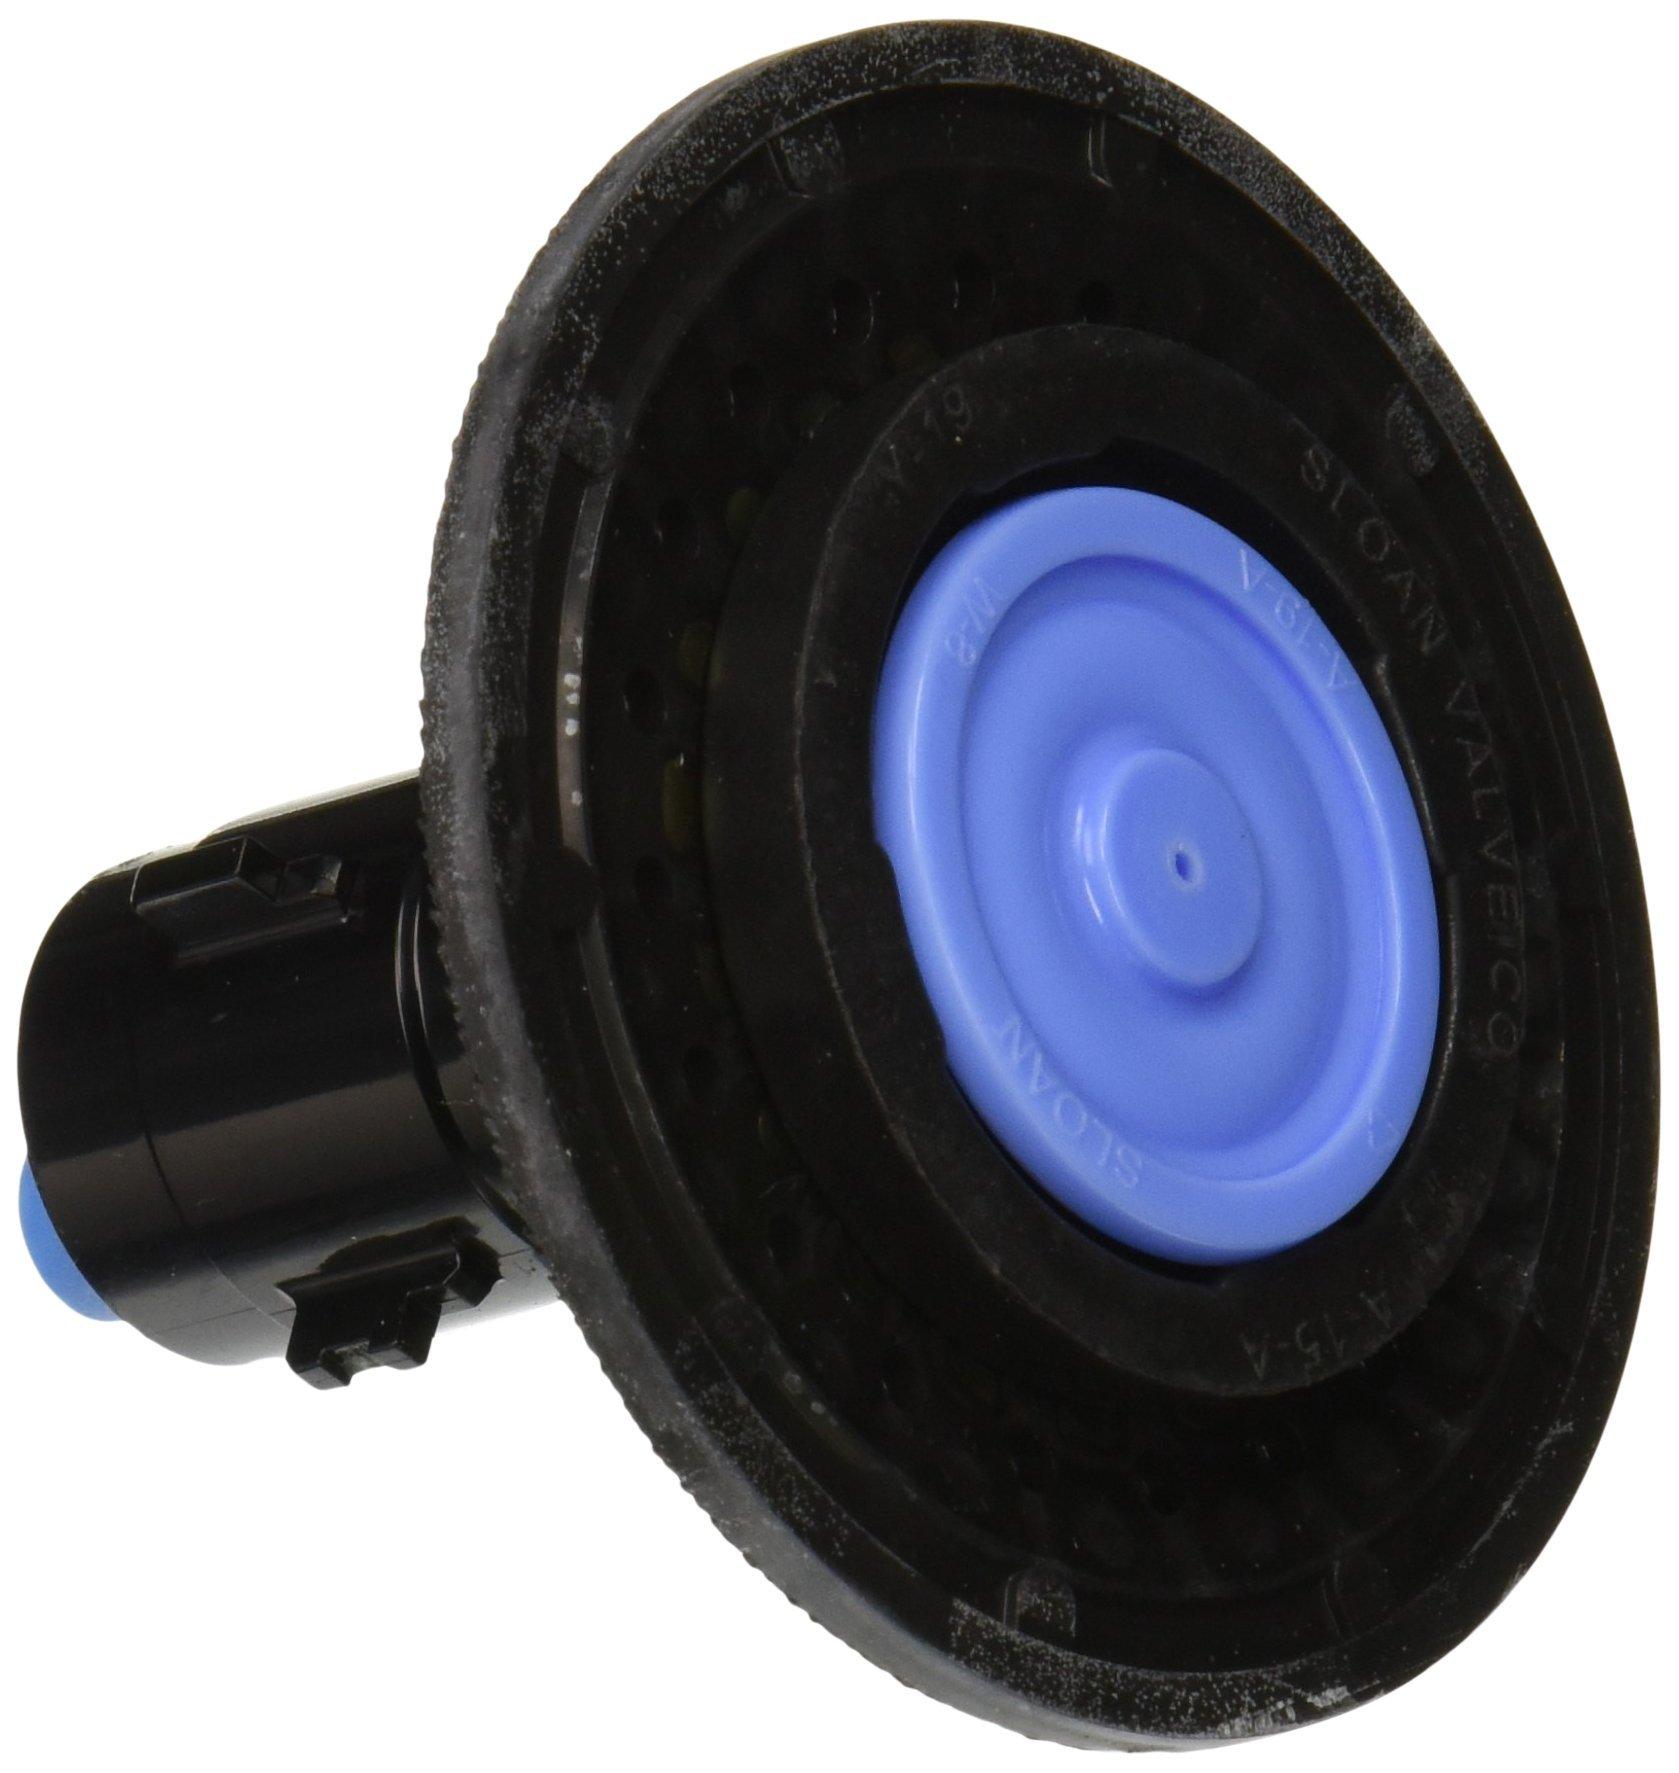 Sloan 3301024 Flushometer Repair Kit